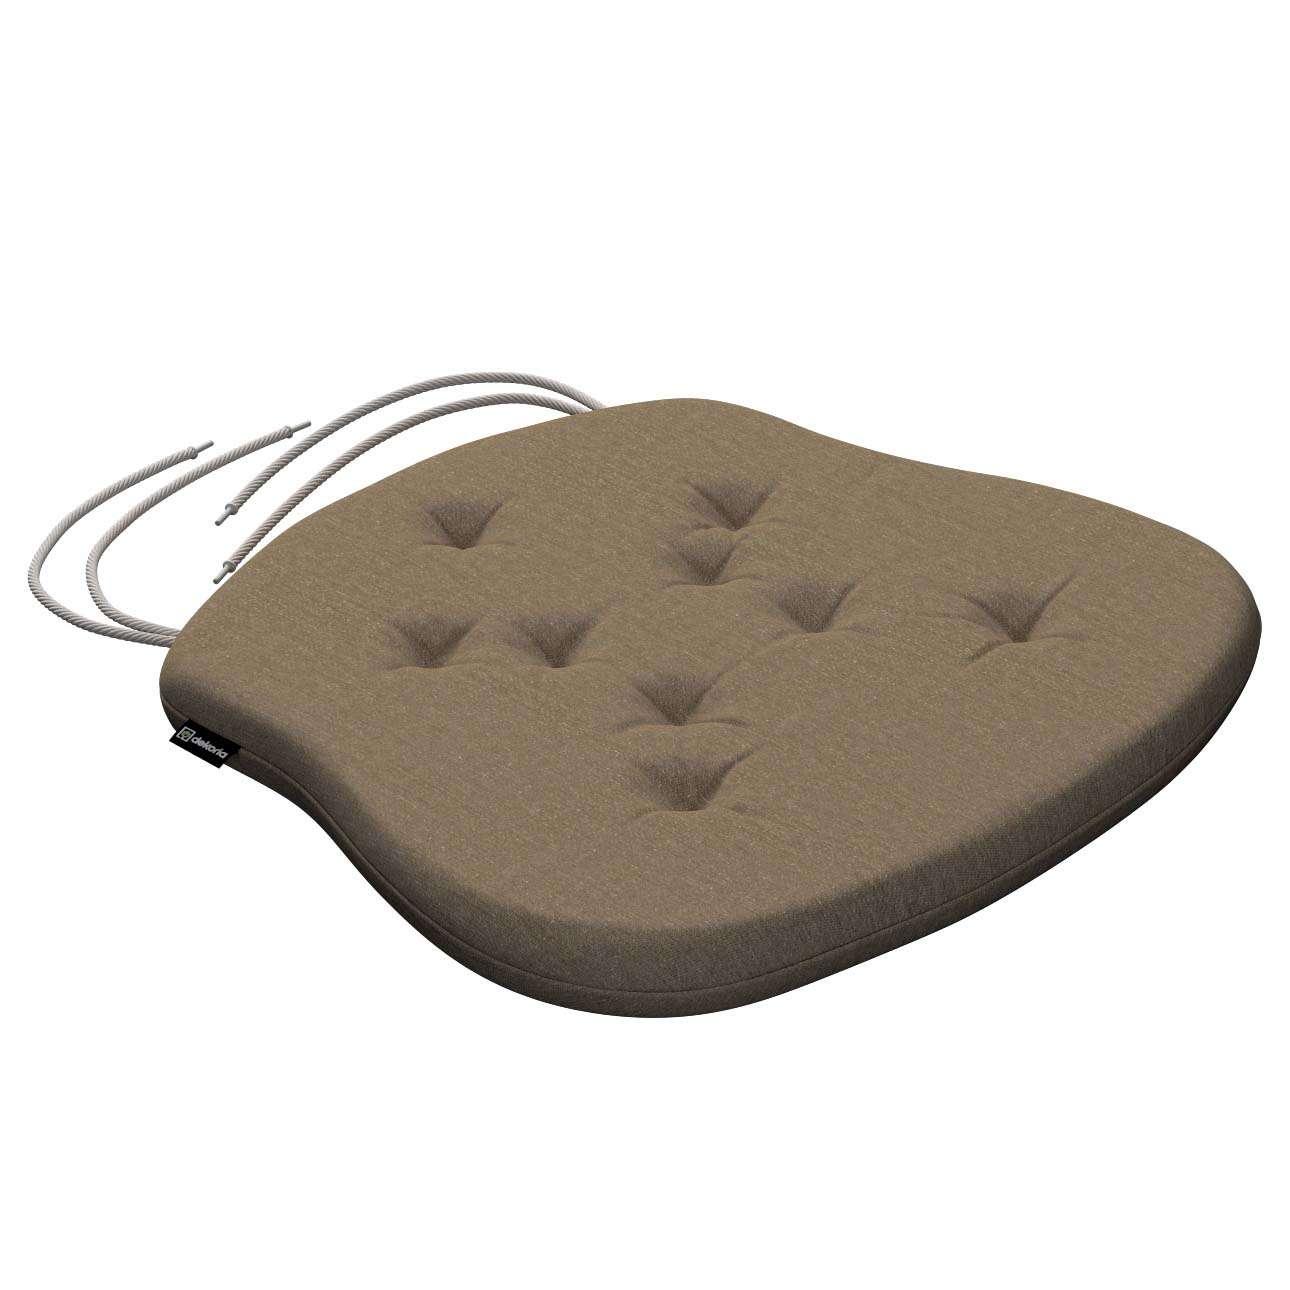 Siedzisko Filip na krzesło 41x38x3,5 cm w kolekcji Chenille, tkanina: 702-21